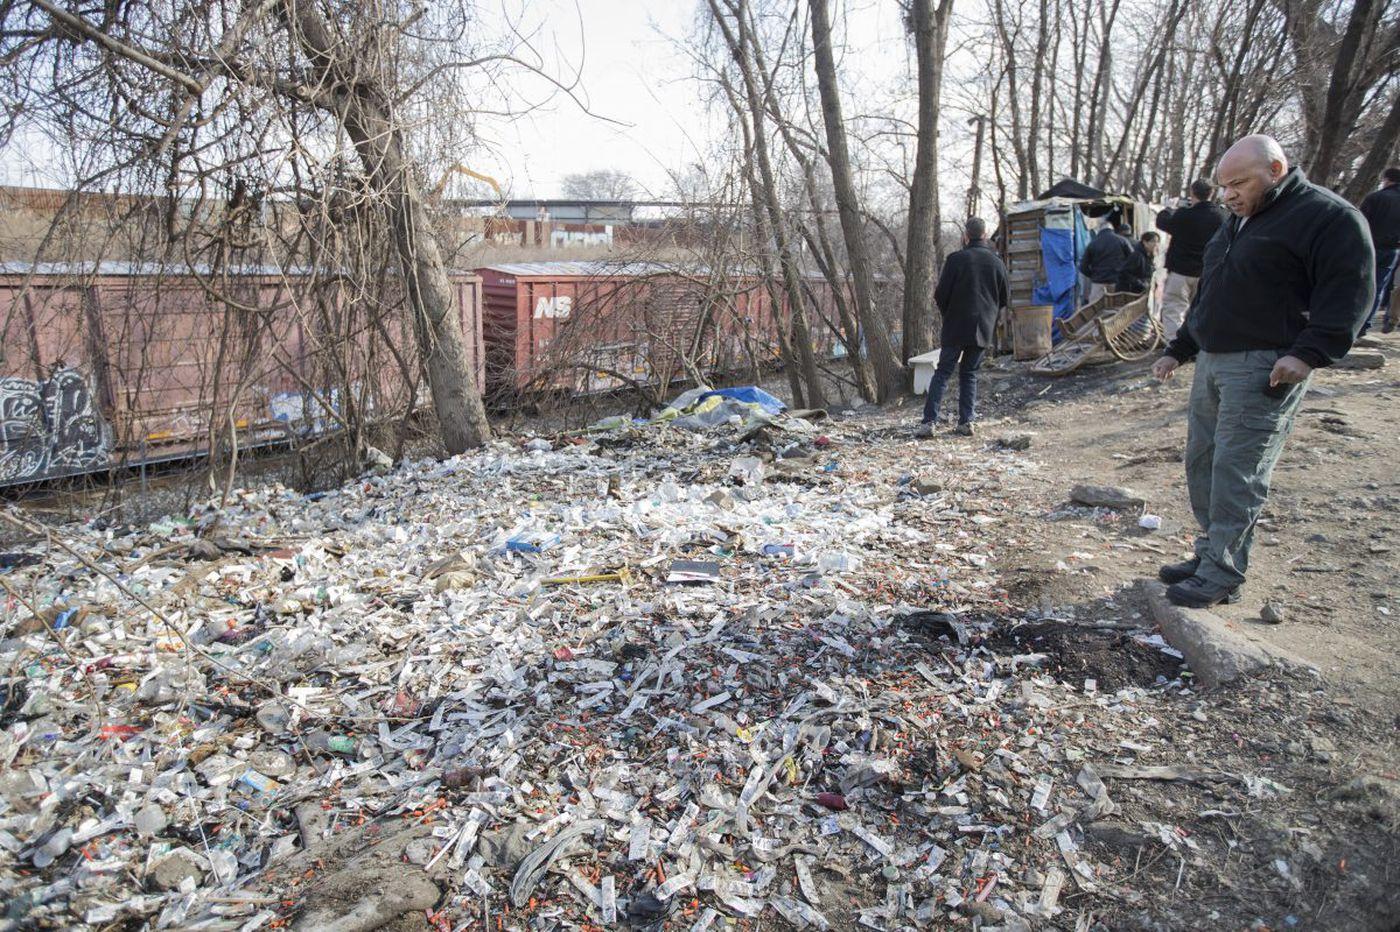 Kensington heroin gulch cleanup - what about Air Bridge?